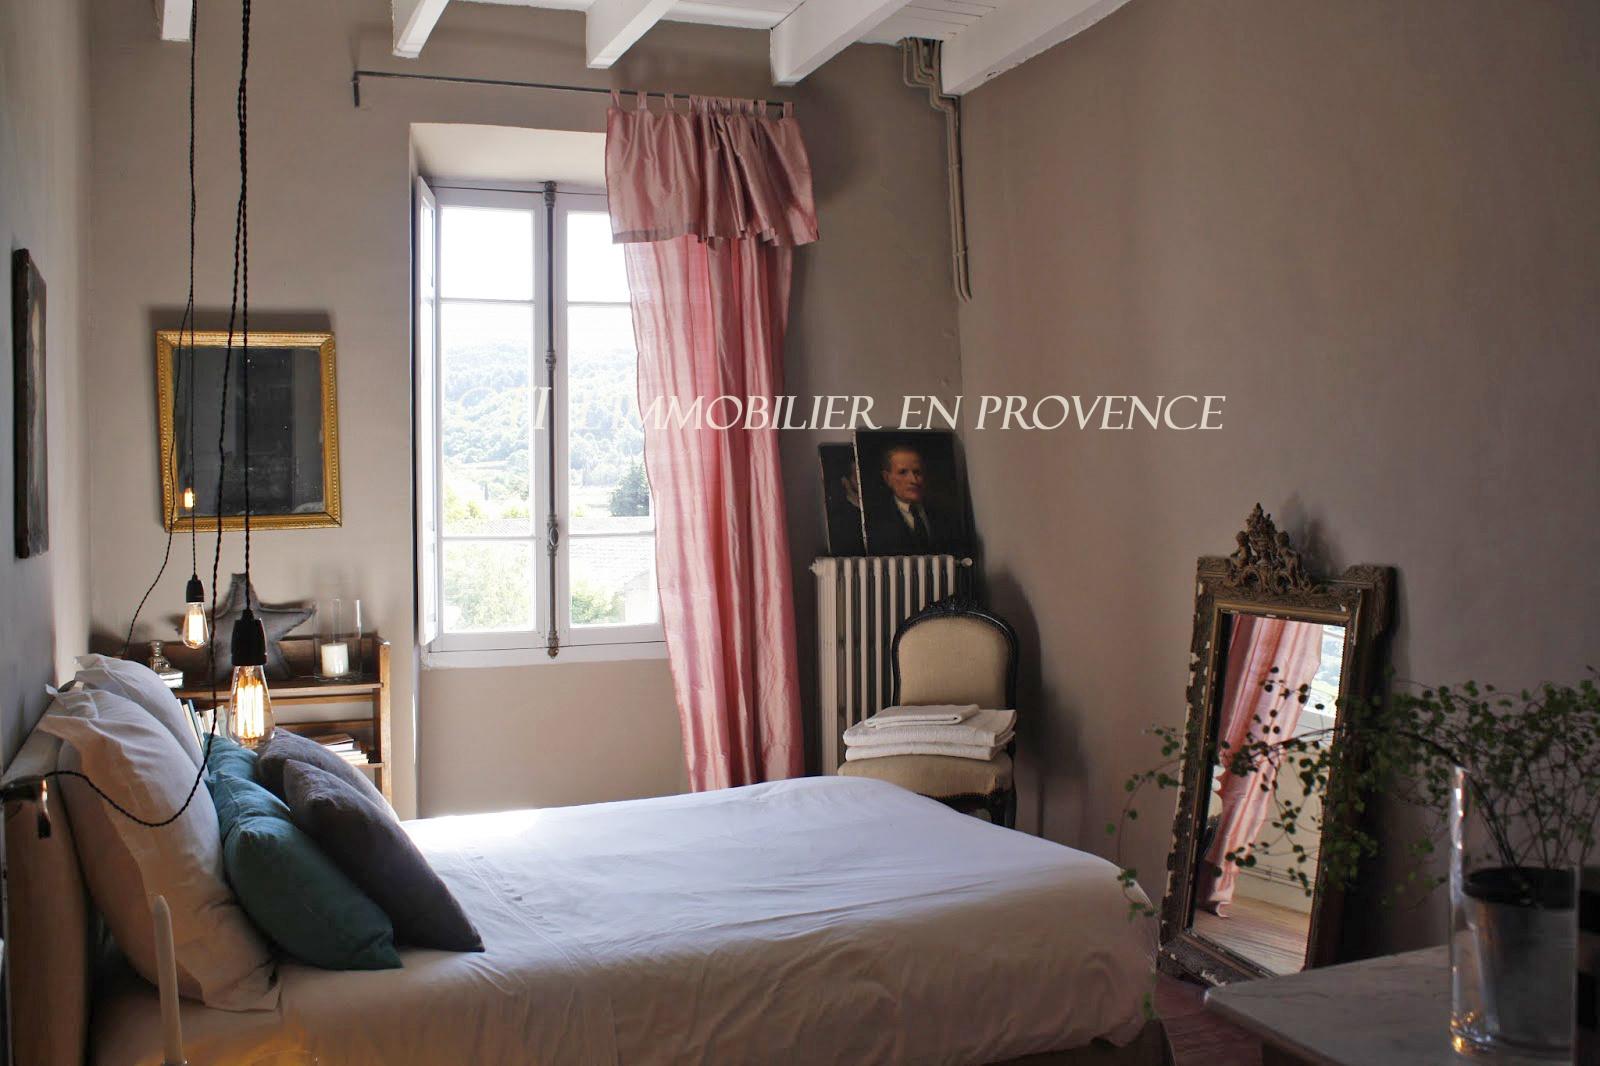 A VENDRE www.cti-provence.net DEMEURE MAISON VILLAGE CONTEMPORAIN COUR  VUE DENTELLES  MONTMIRAIL